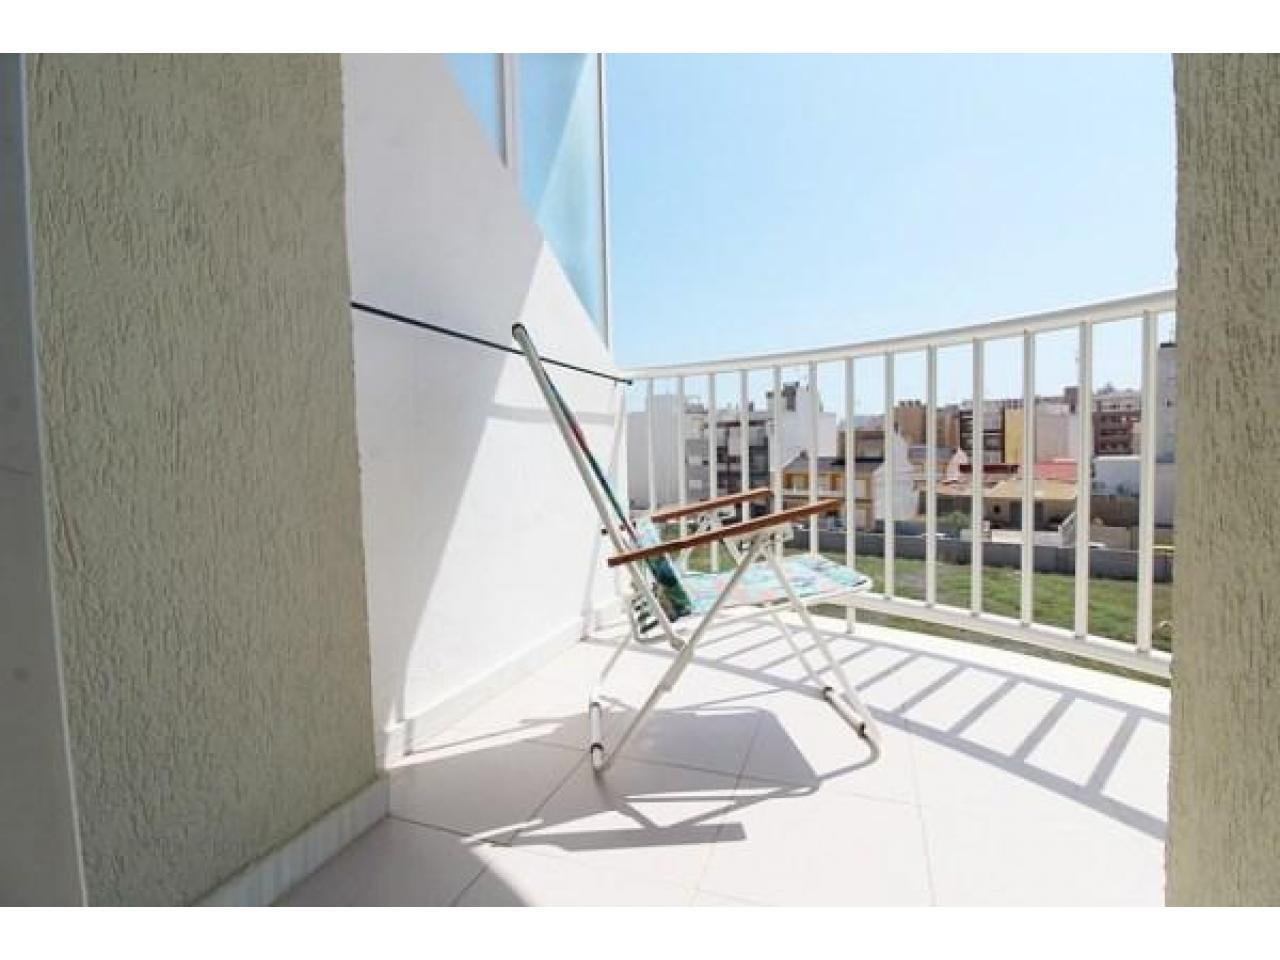 Недвижимость в Испании, Квартира с видами на море в Ла Мата,Коста Бланка,Испания - 9